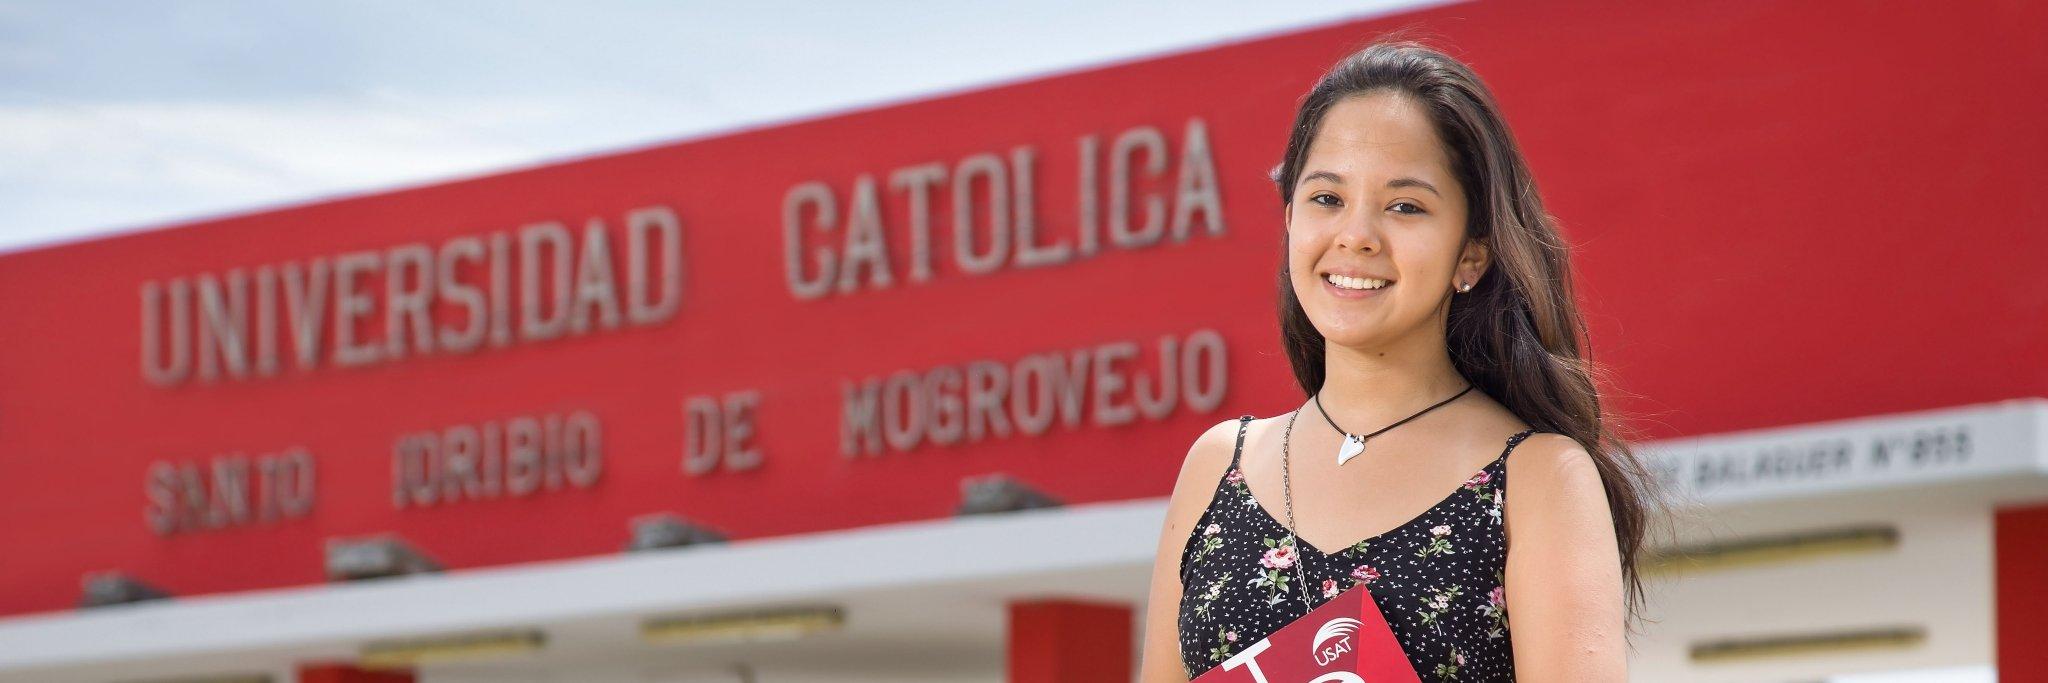 Universidad Católica Santo Toribio de Mogrovejo's official Twitter account